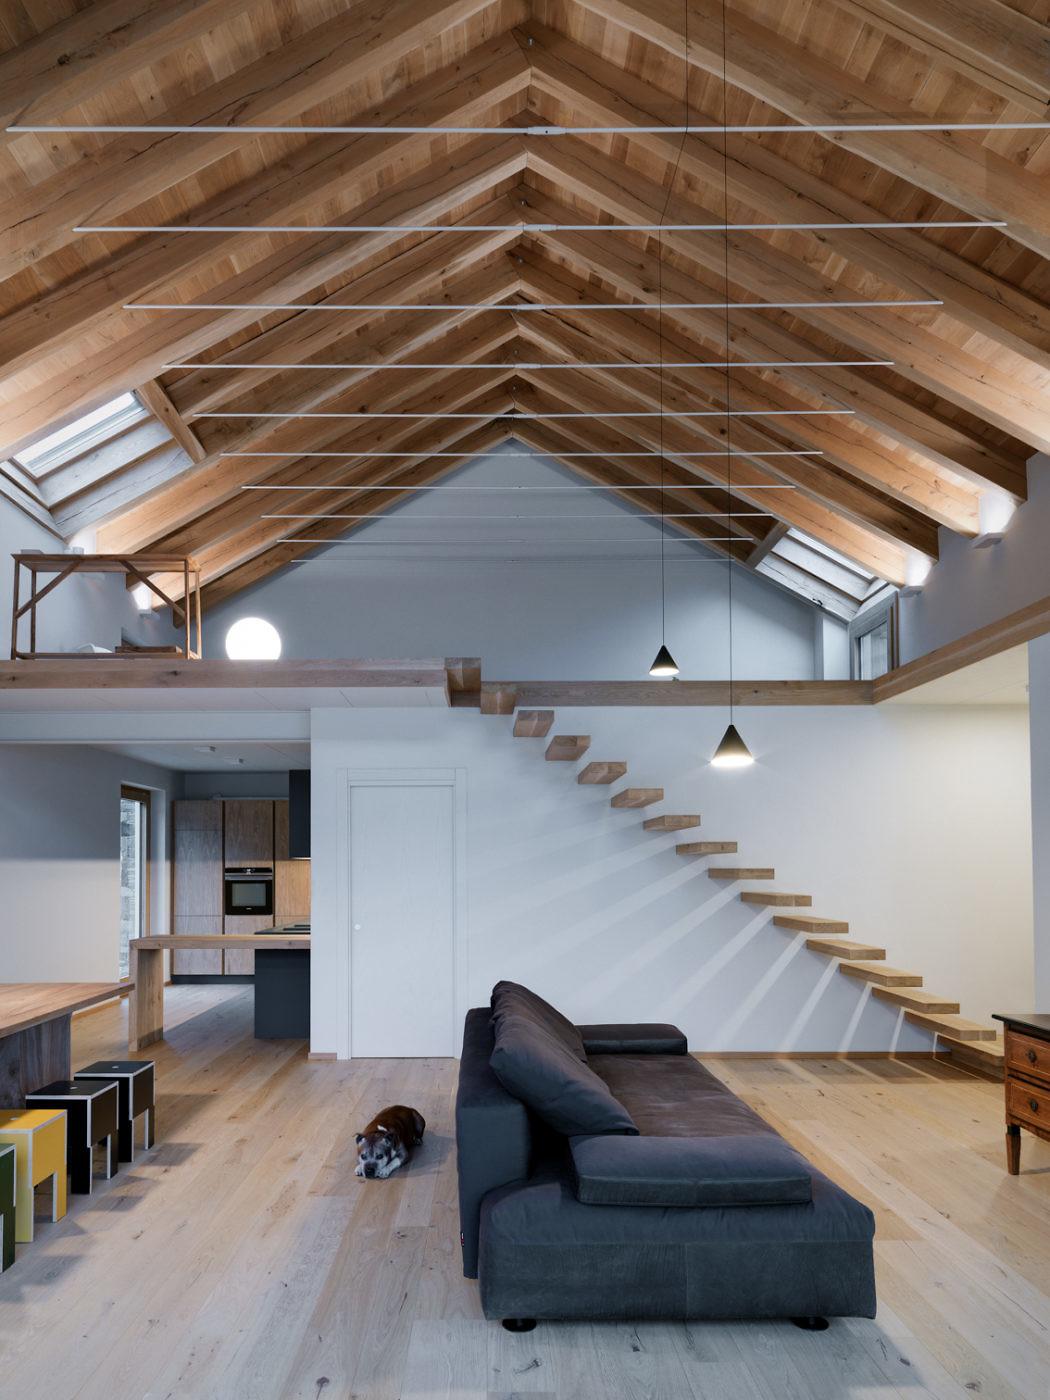 AG House by Rocco Borromini